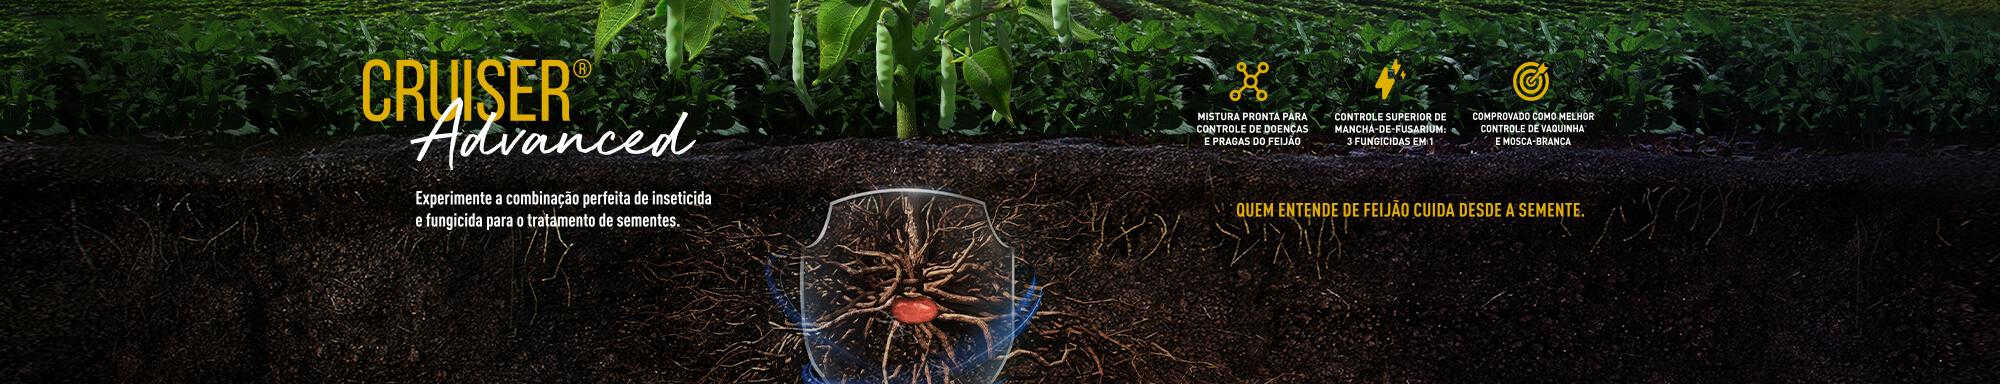 Inseticida e fungicida Cruiser Advanced para tratamento de sementes de feijão